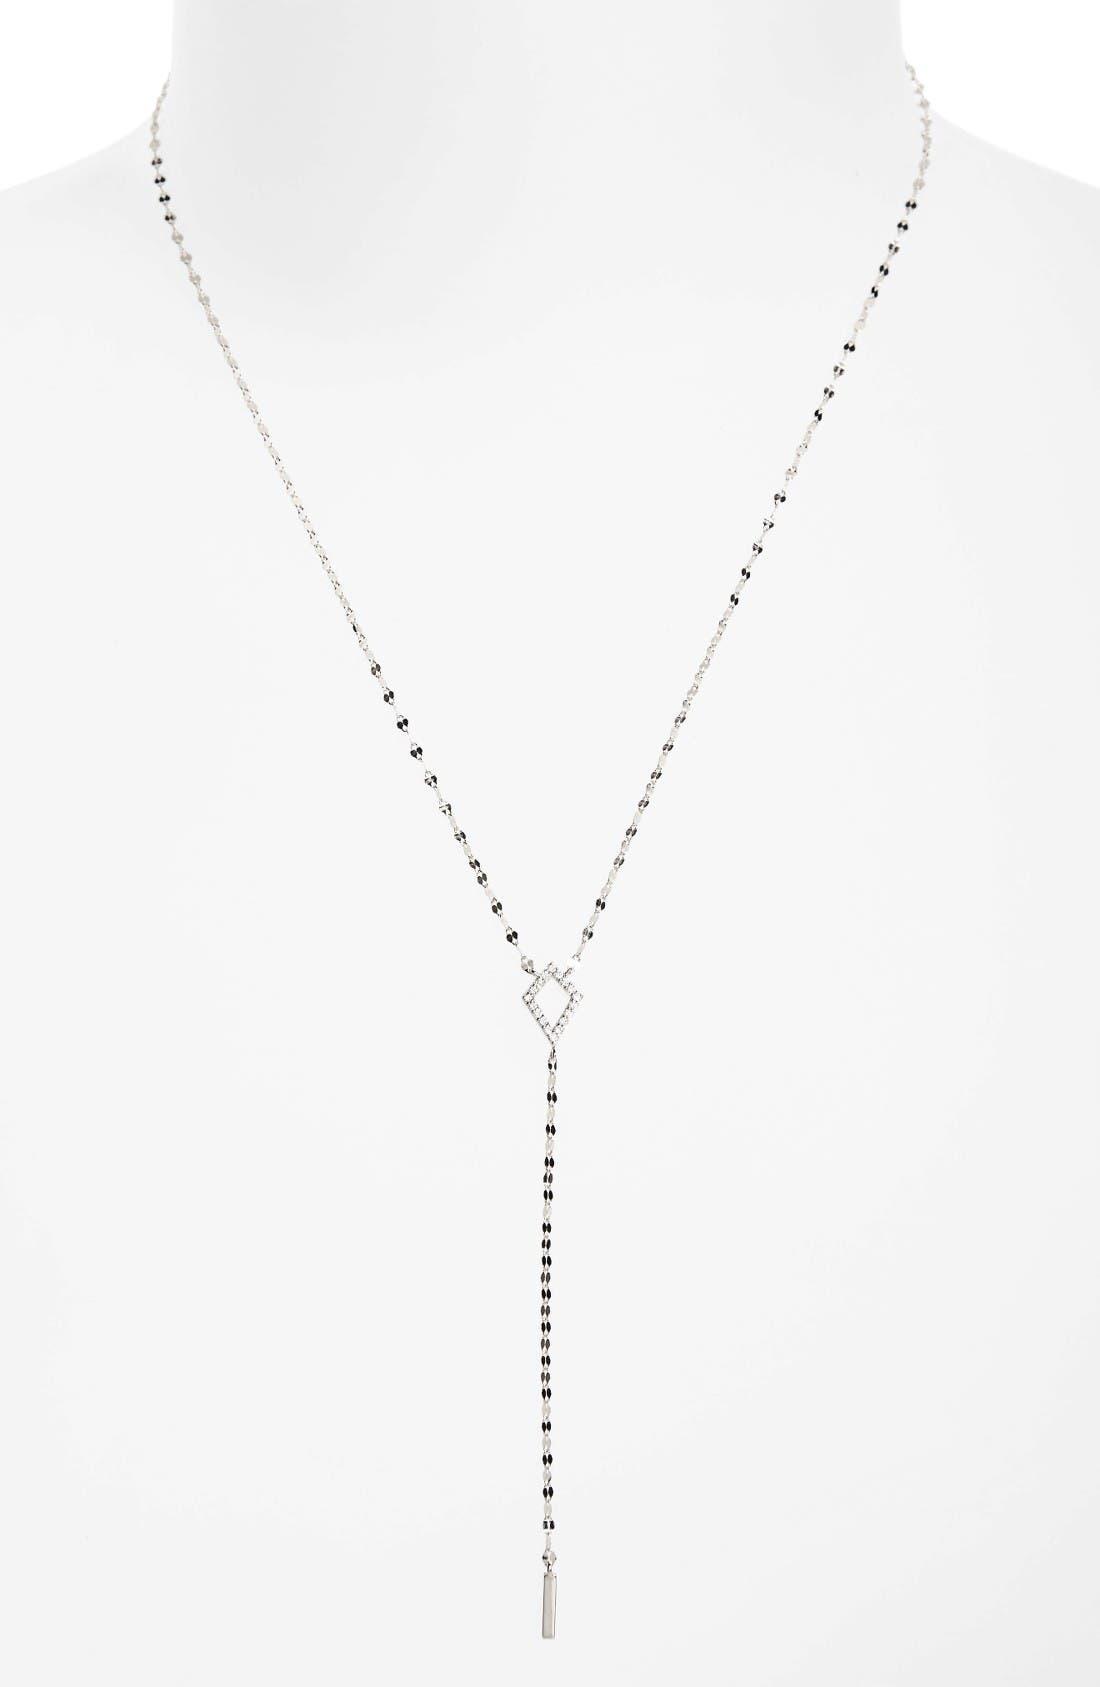 Lana Jewelry Flawless Diamond Kite Y-Necklace